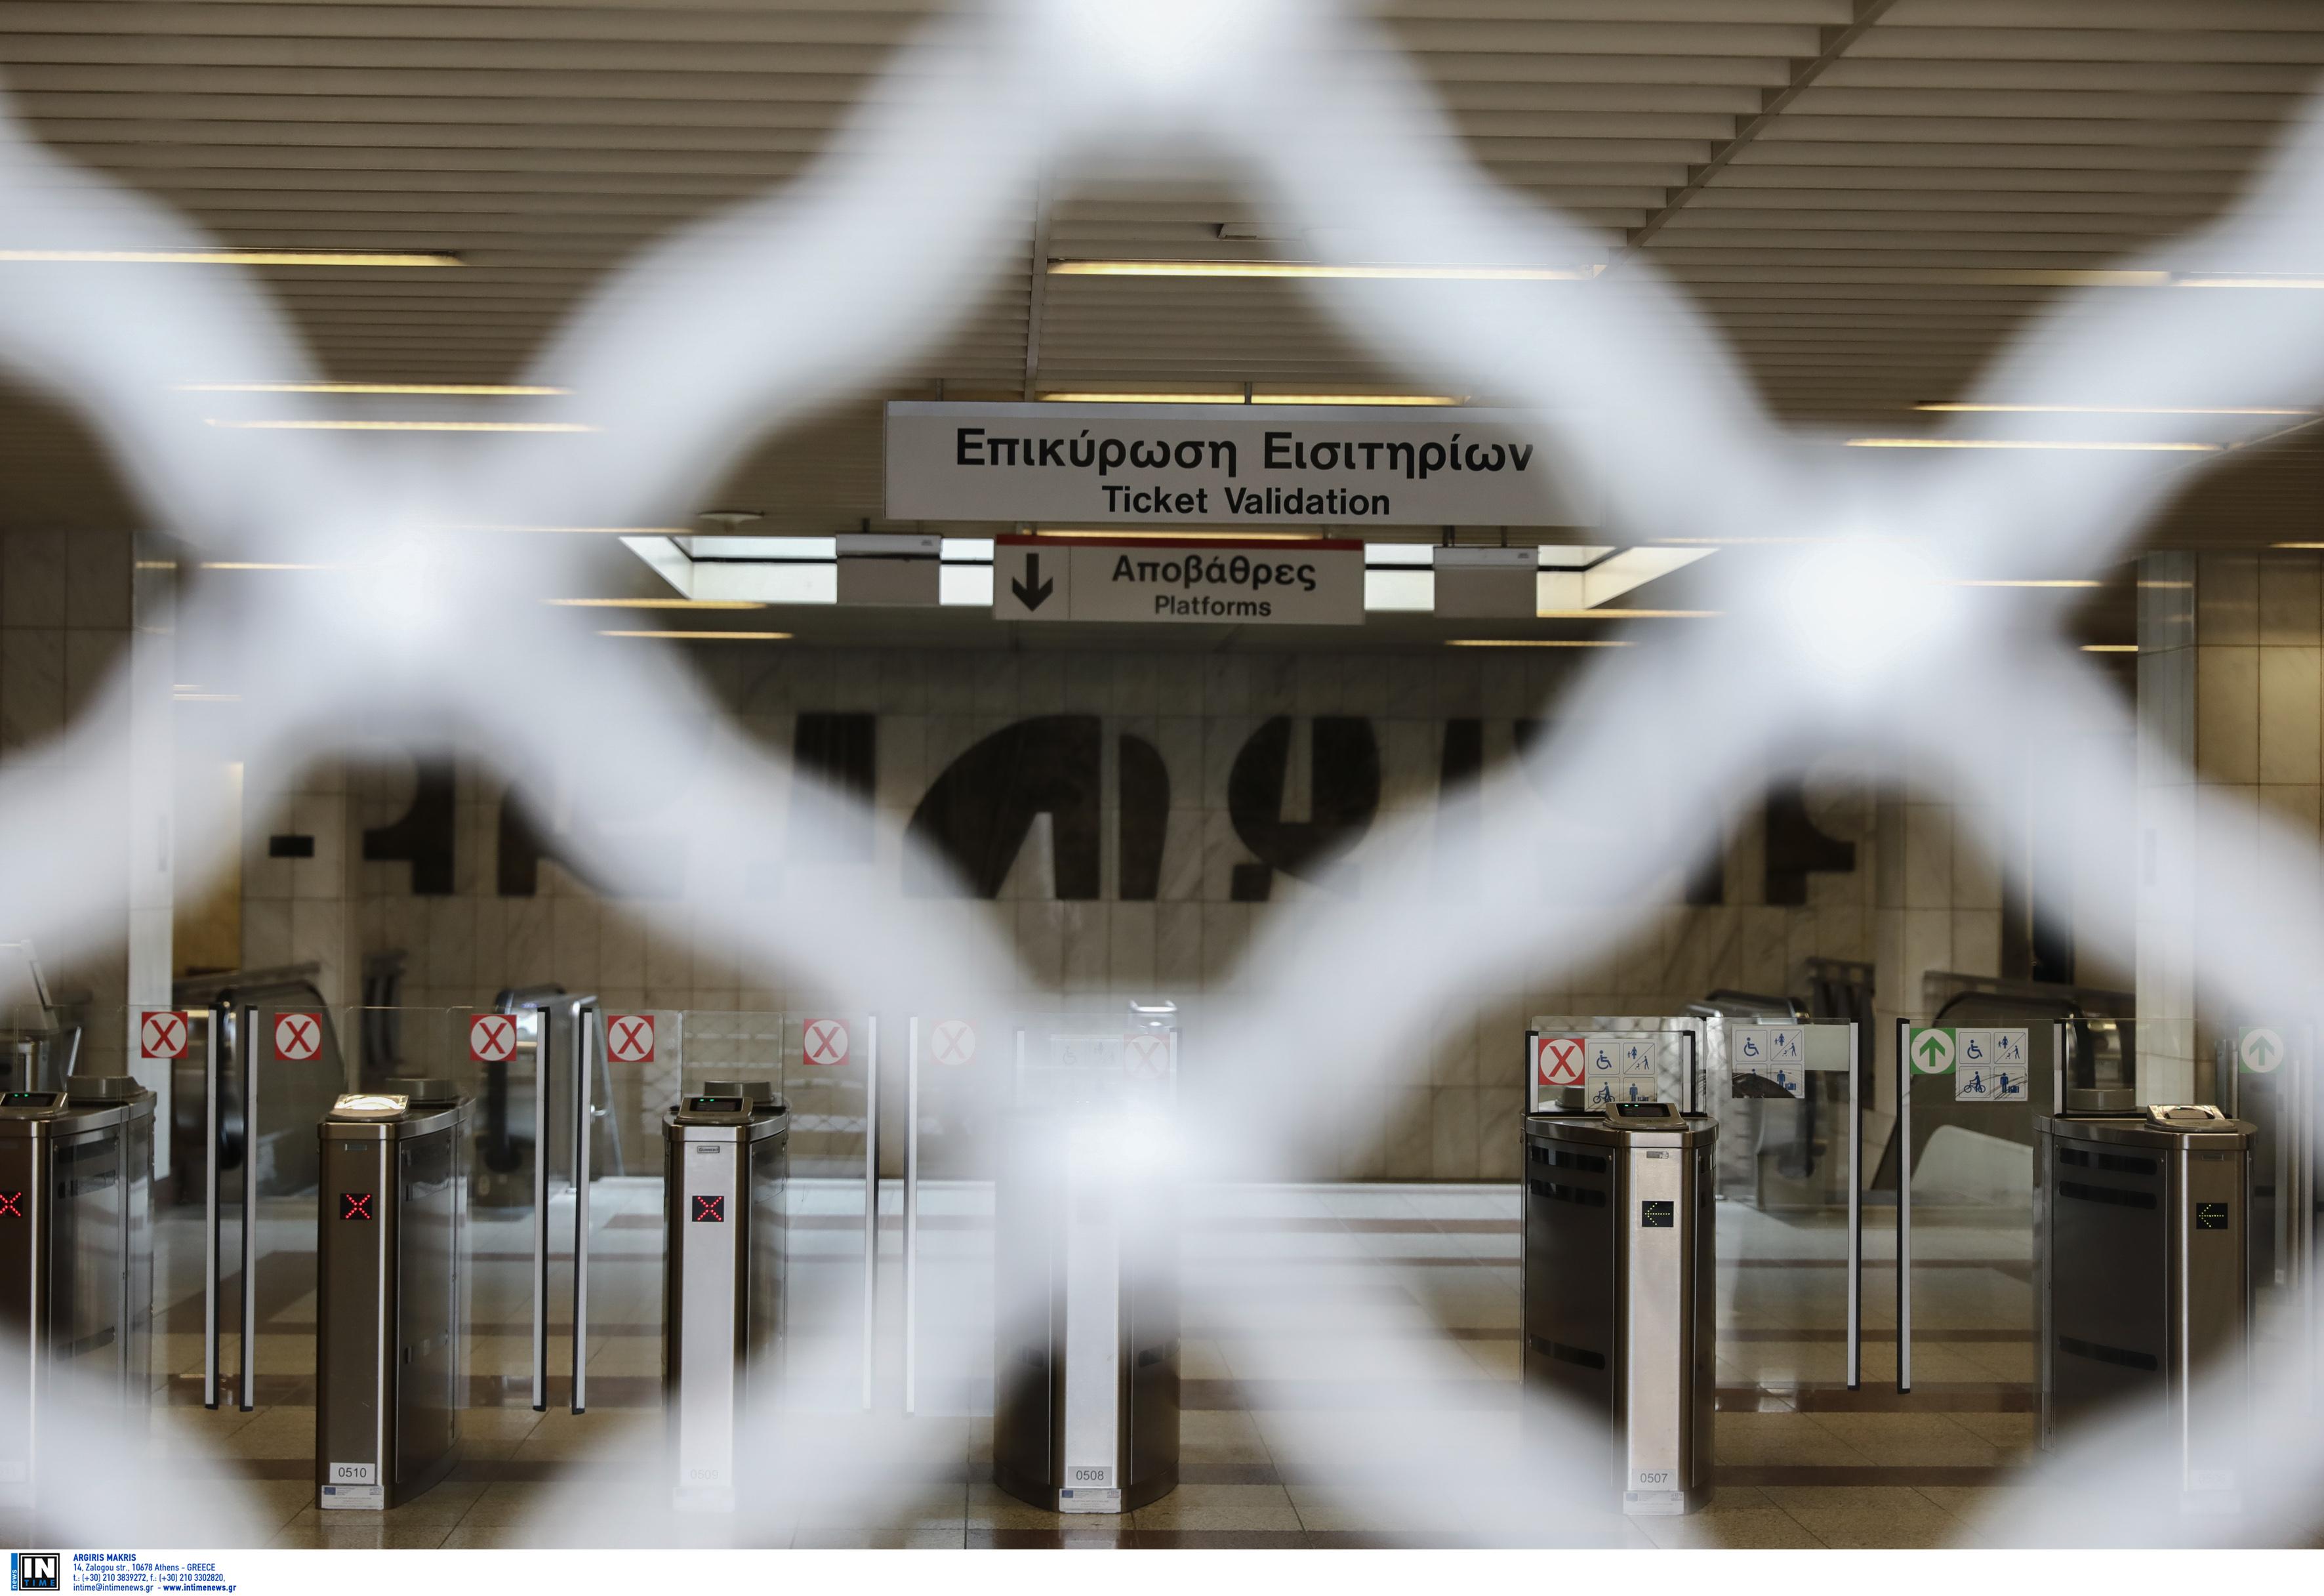 Νέα ταλαιπωρία! 24ωρη απεργία στα τρένα, στάση εργασίας σε Μετρό και ΗΣΑΠ